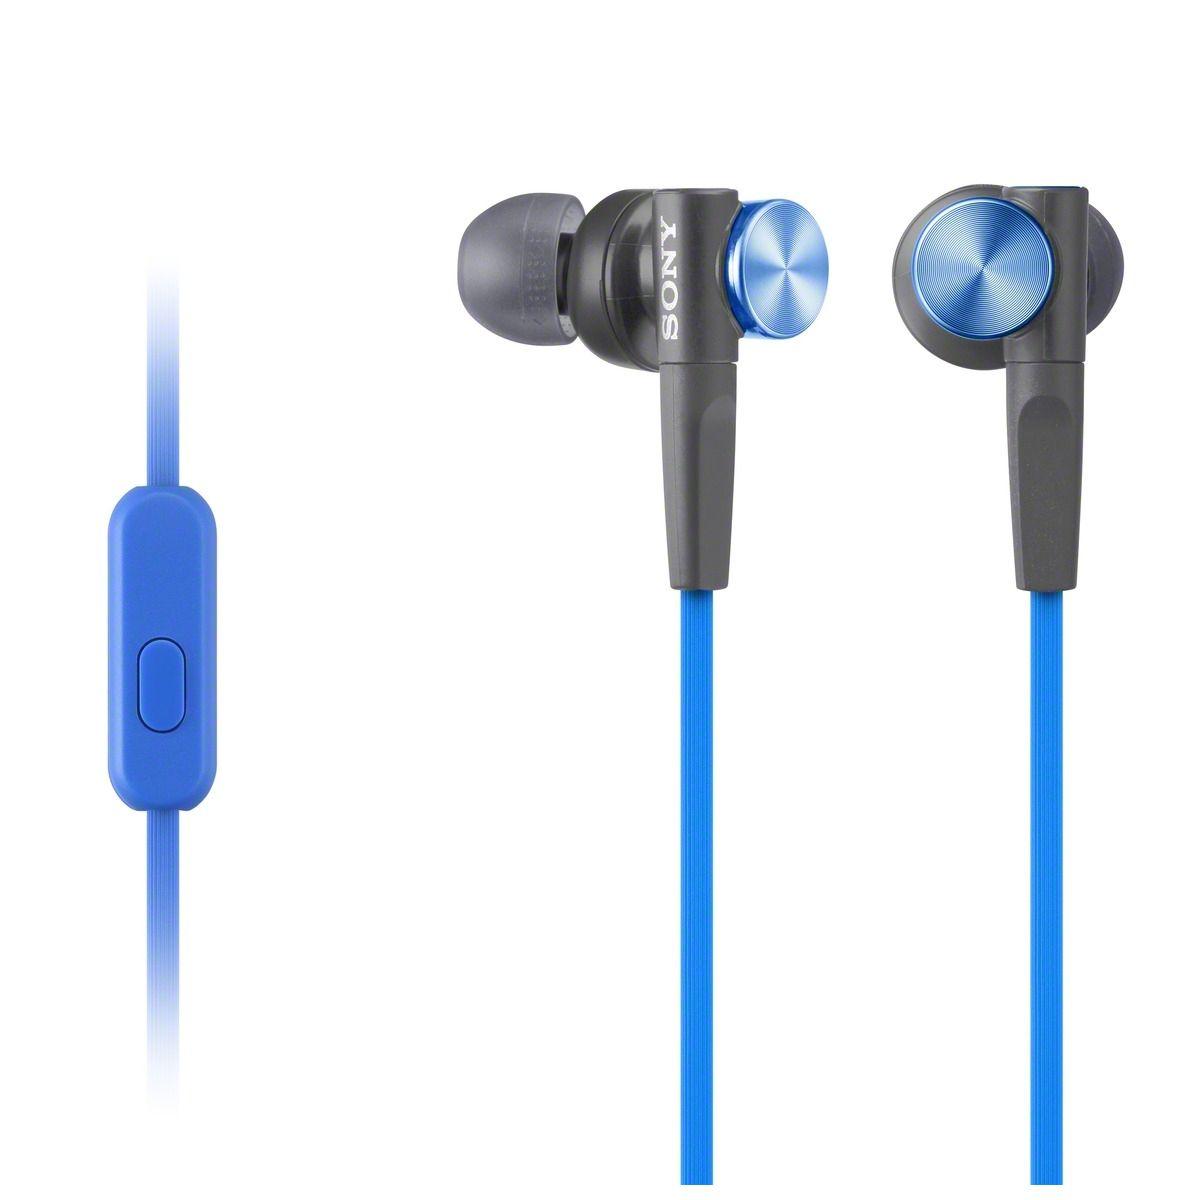 MDR XB50AP - Bleu - Ecouteurs